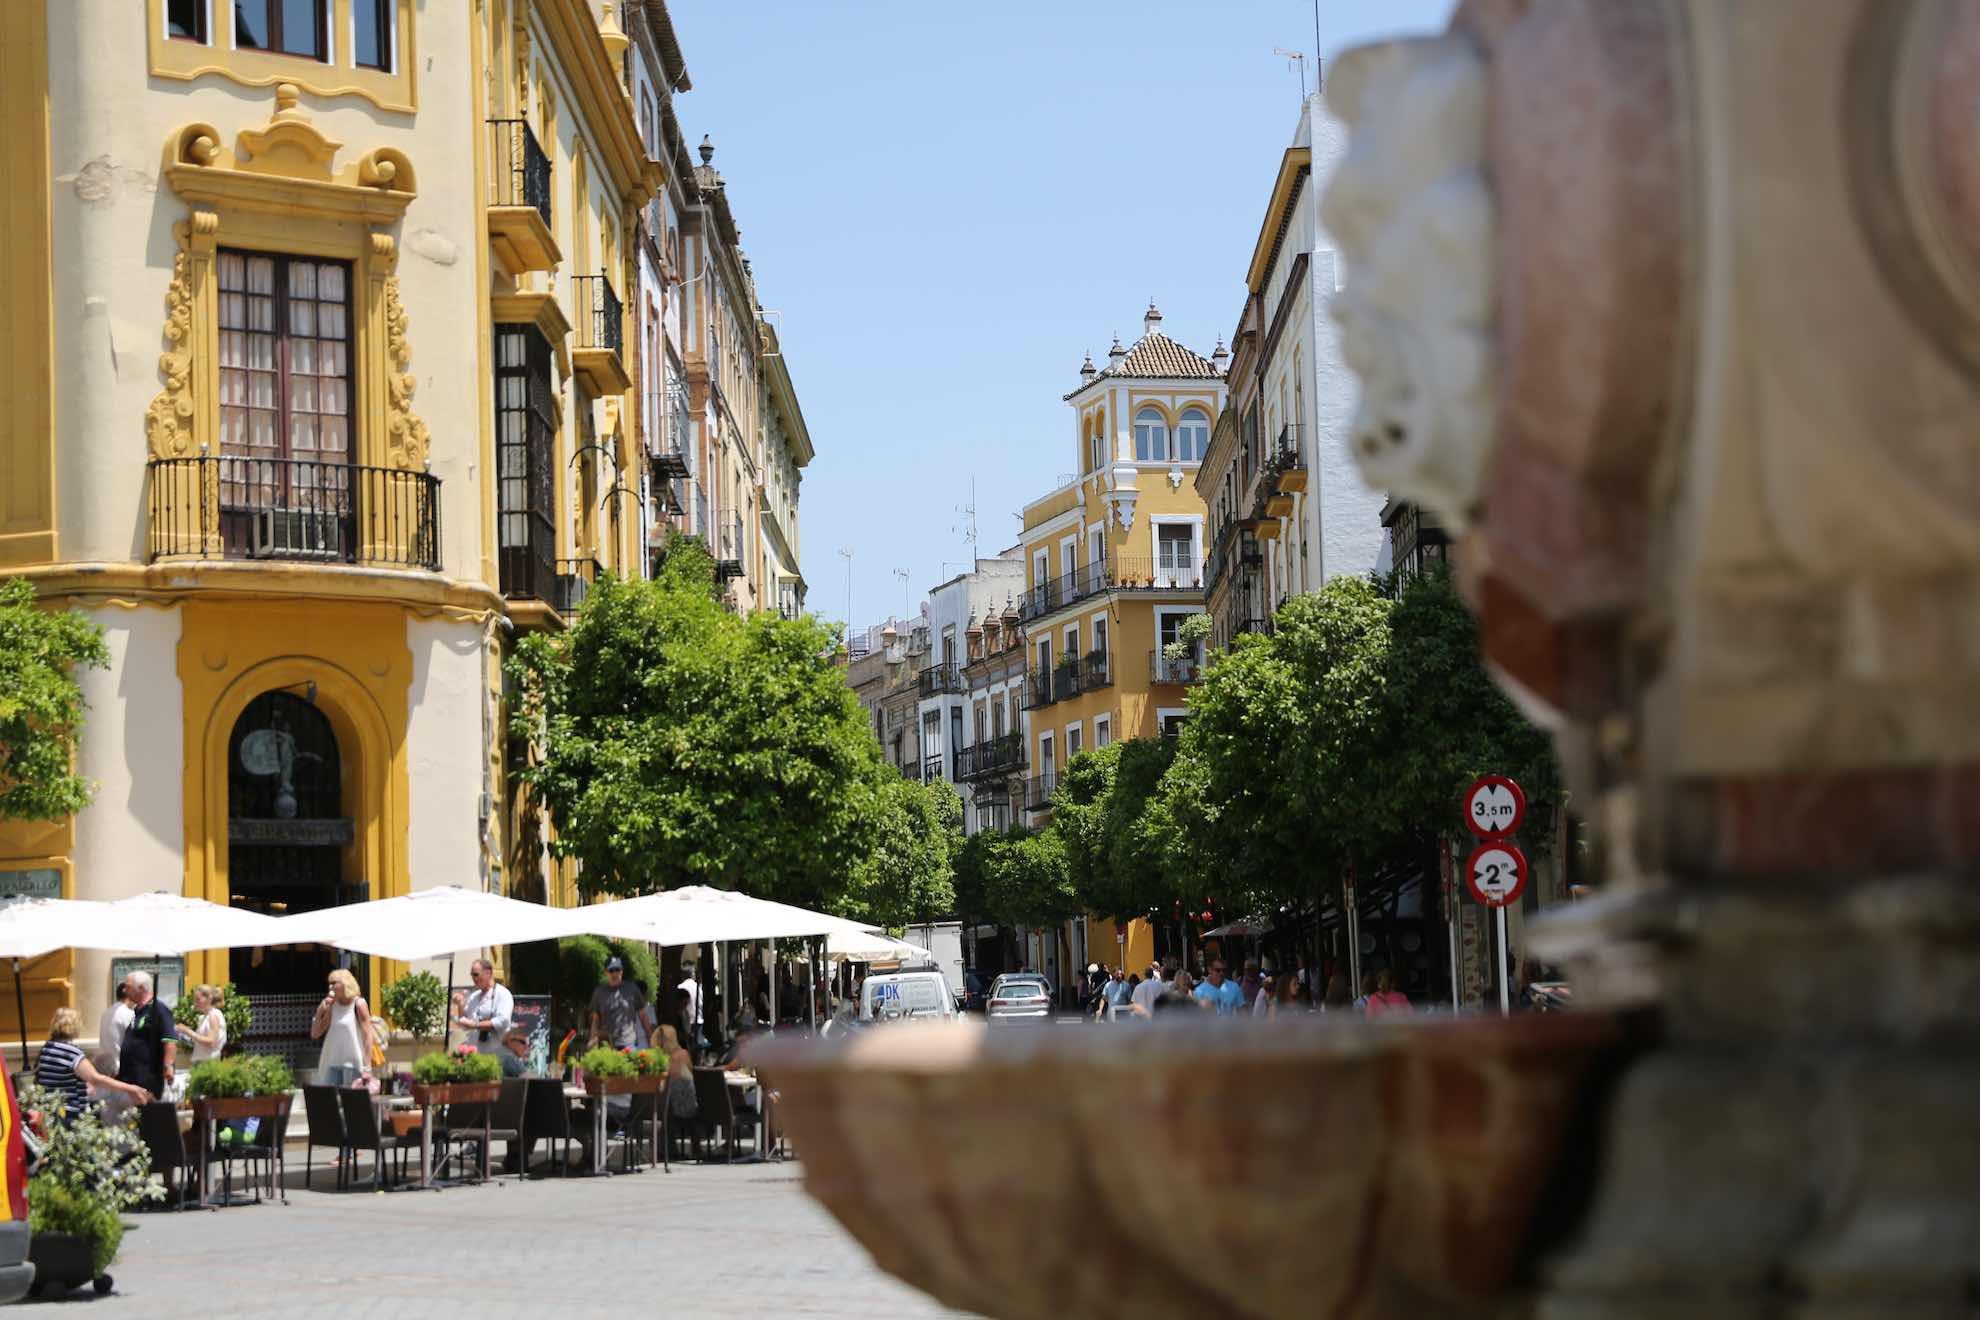 Sevilla war das Handelszentrum Spaniens mit der Neuen Welt nach deren Entdeckung durch Kolumbus.